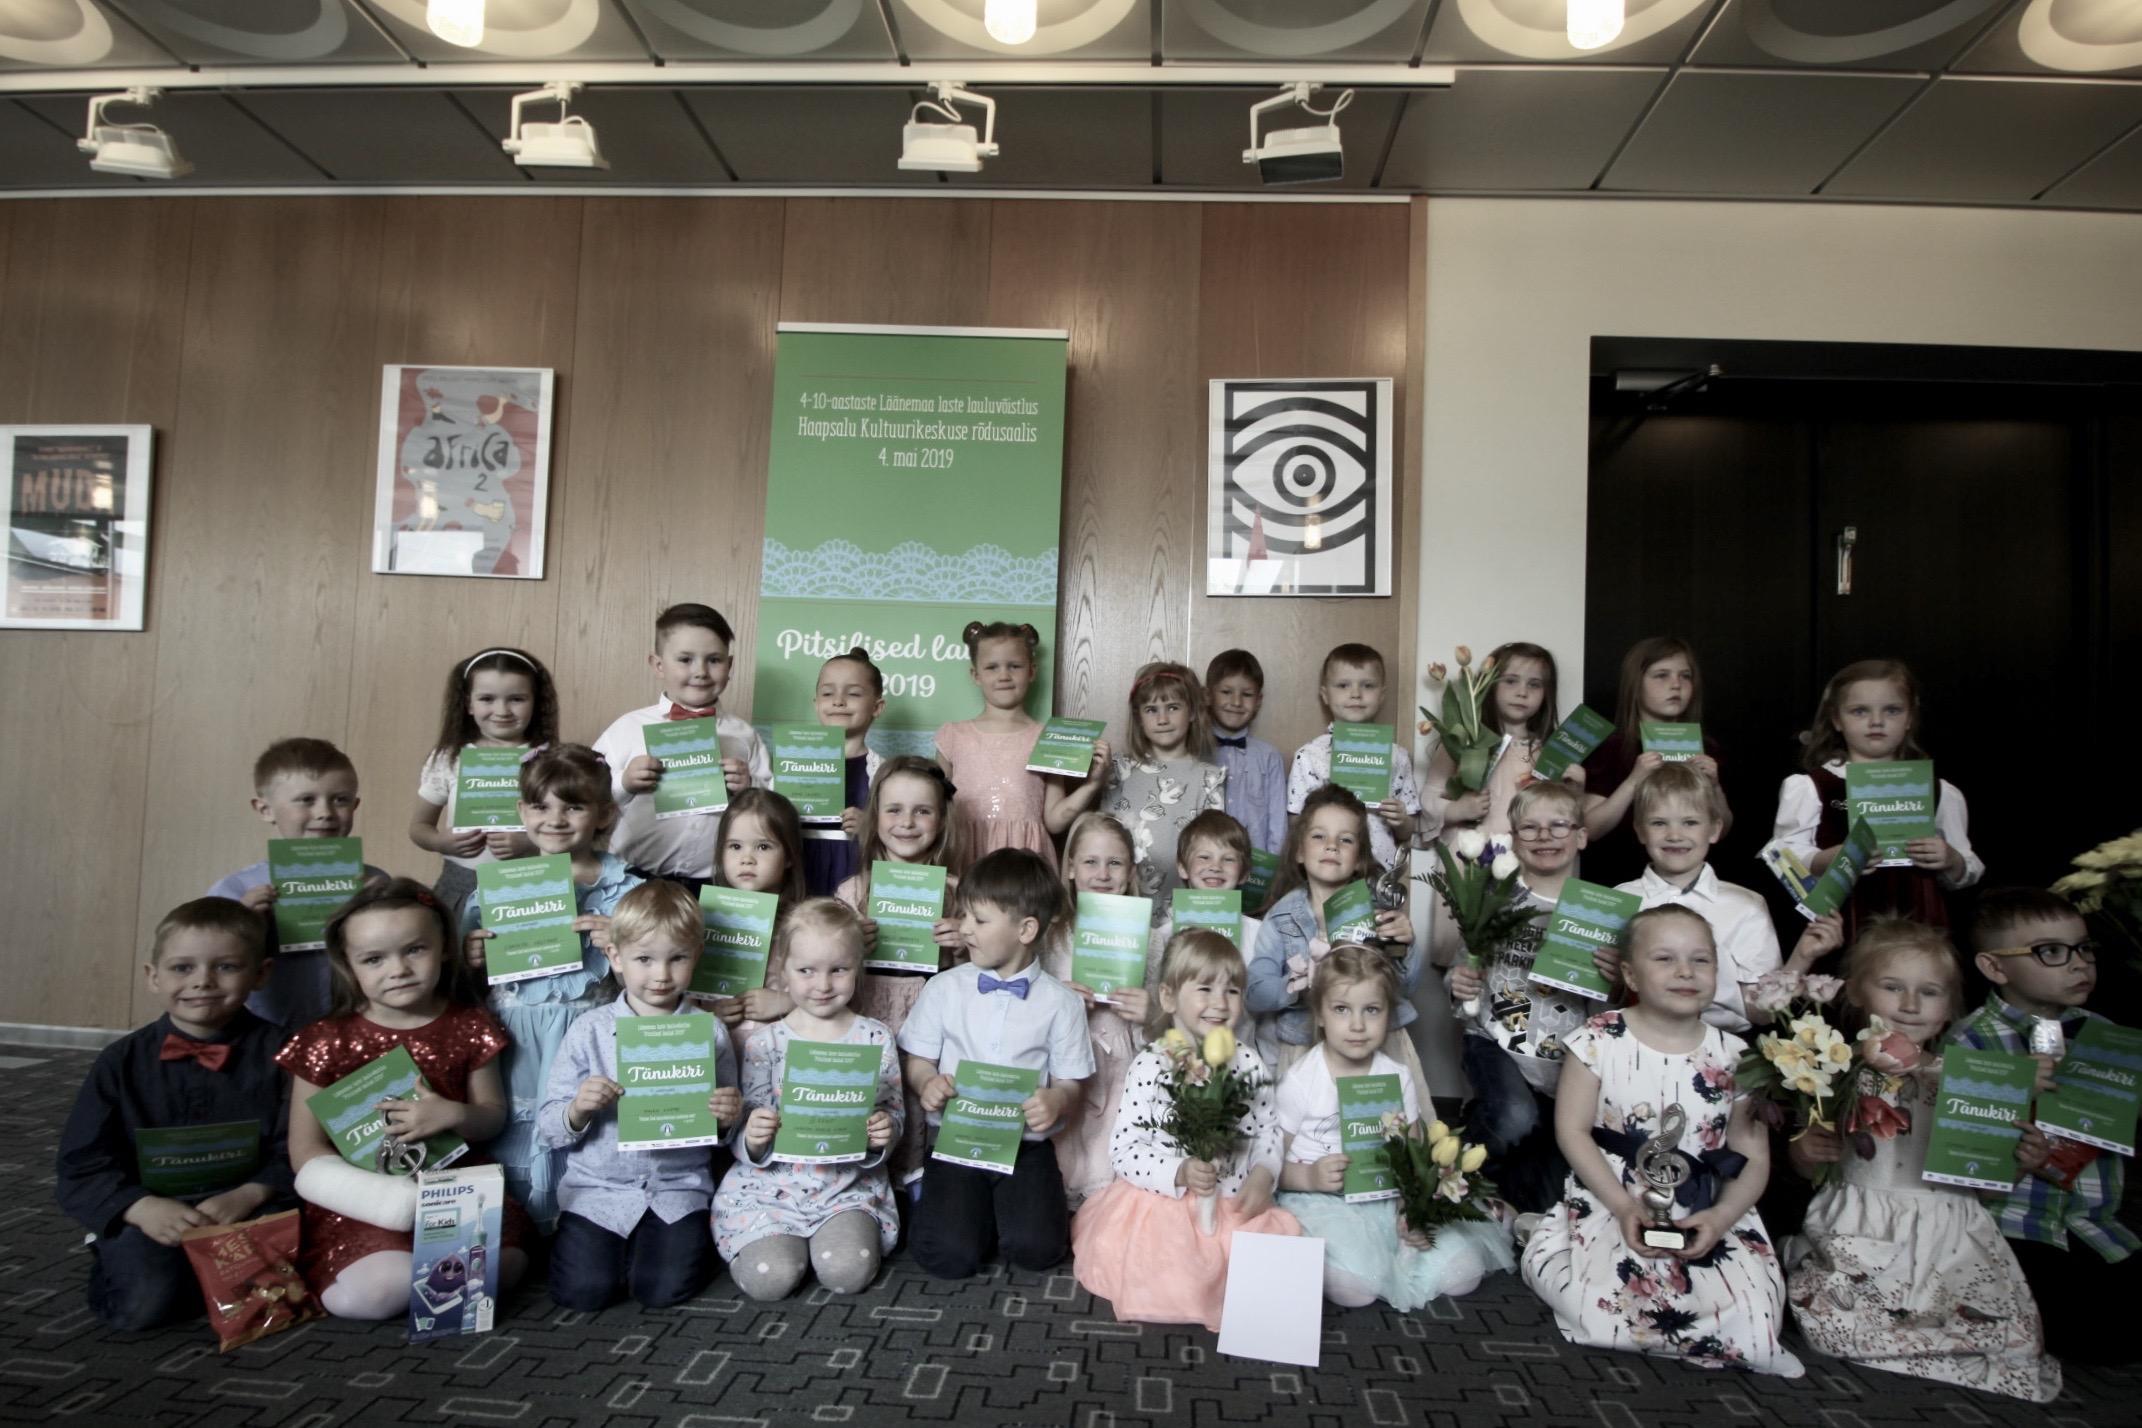 53e7ef17539 Laupäeval toimus Läänemaa laste lauluvõistlus Pitsilised laulud 2019.  Osalisi oli võistlusel kokku 63 ja lapsed esinesid Hain Hõlpuse bändi  saatel.